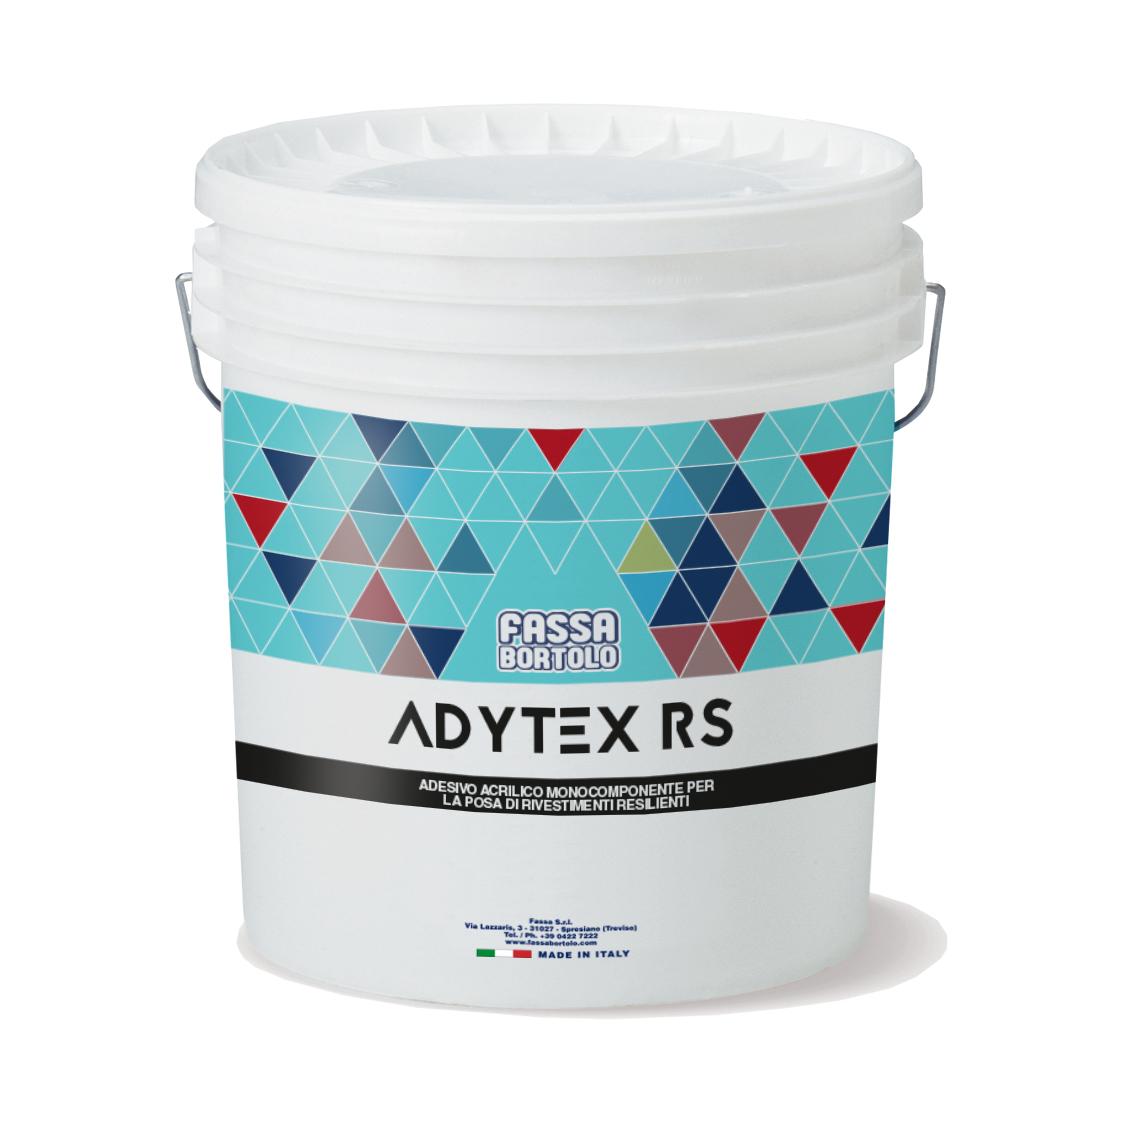 ADYTEX RS: Adesivo acrilico mono-componente com elevada presa inicial para pavimentos resilientes, para interior